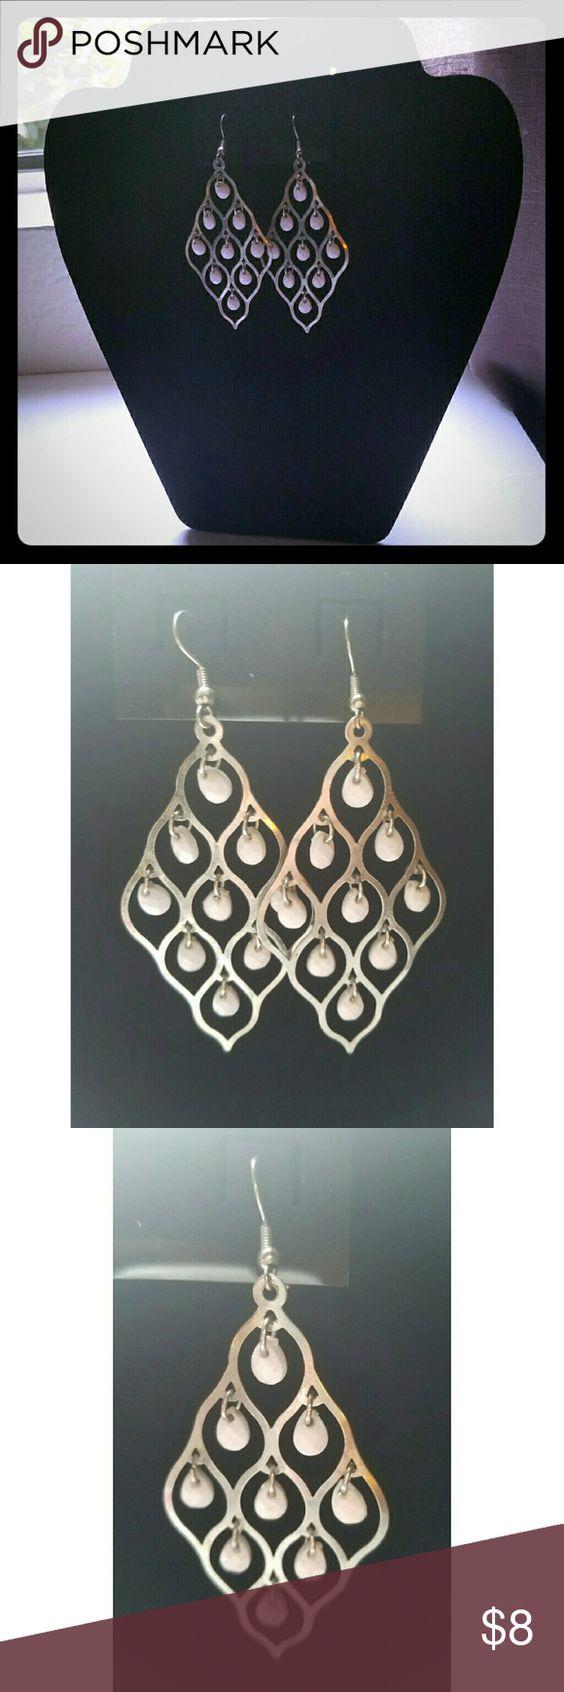 """💋SALE💋 Silver & White Earrings Beautiful Silver Earrings w/White dangling Beads 3"""" L x 1.5"""" W Jewelry Earrings"""